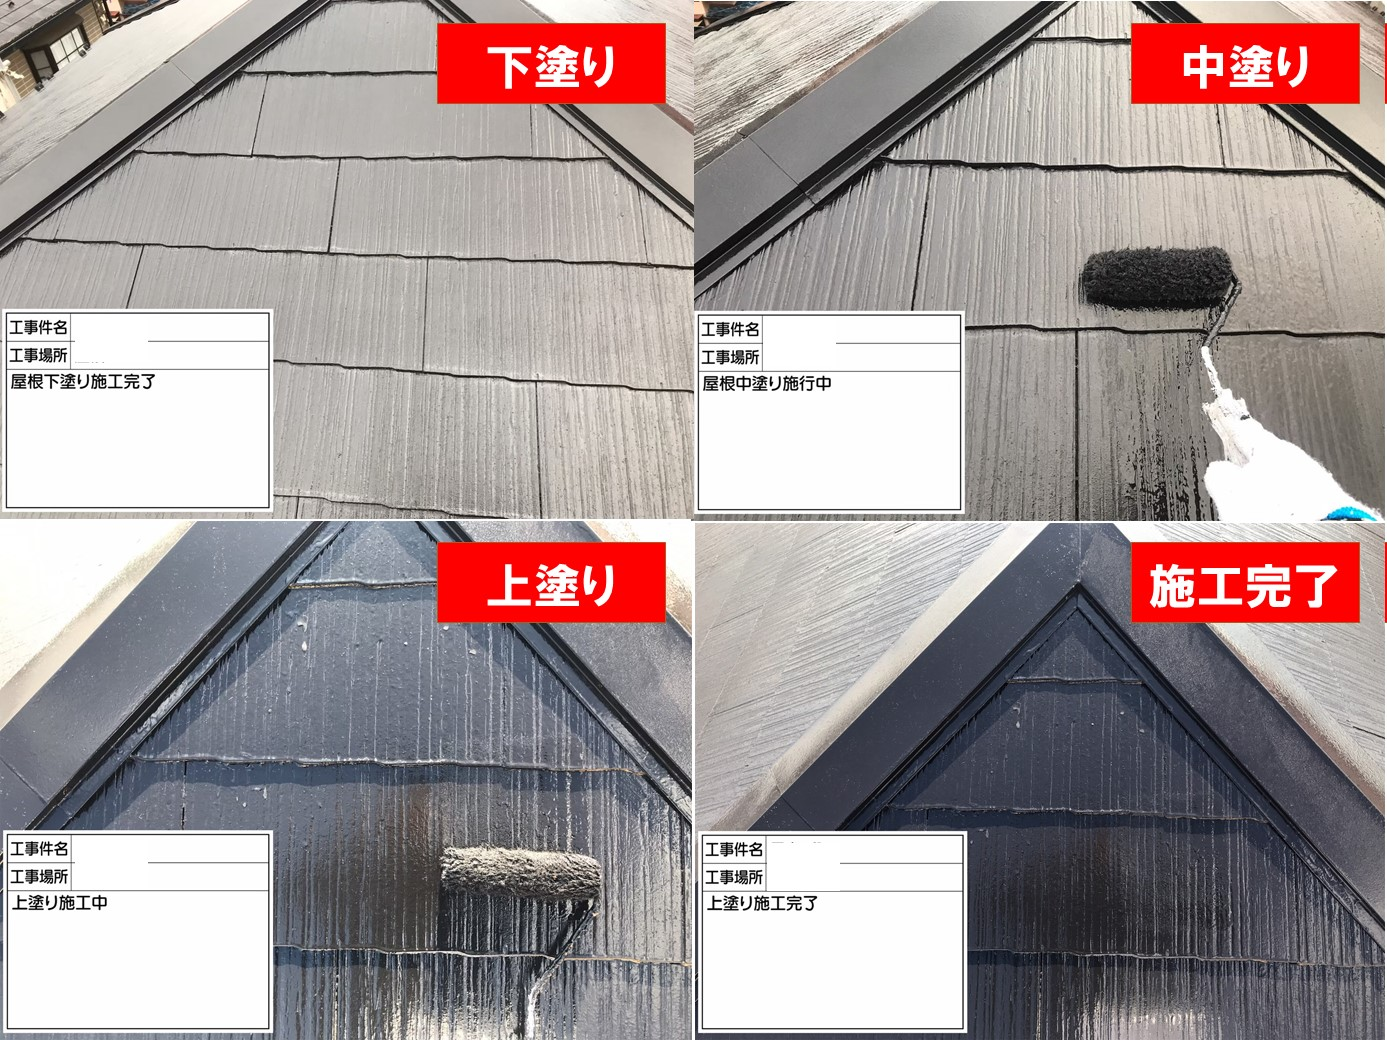 【施工完了報告!】ご紹介案件!東京都あきる野市にて塗装作業工事完了!